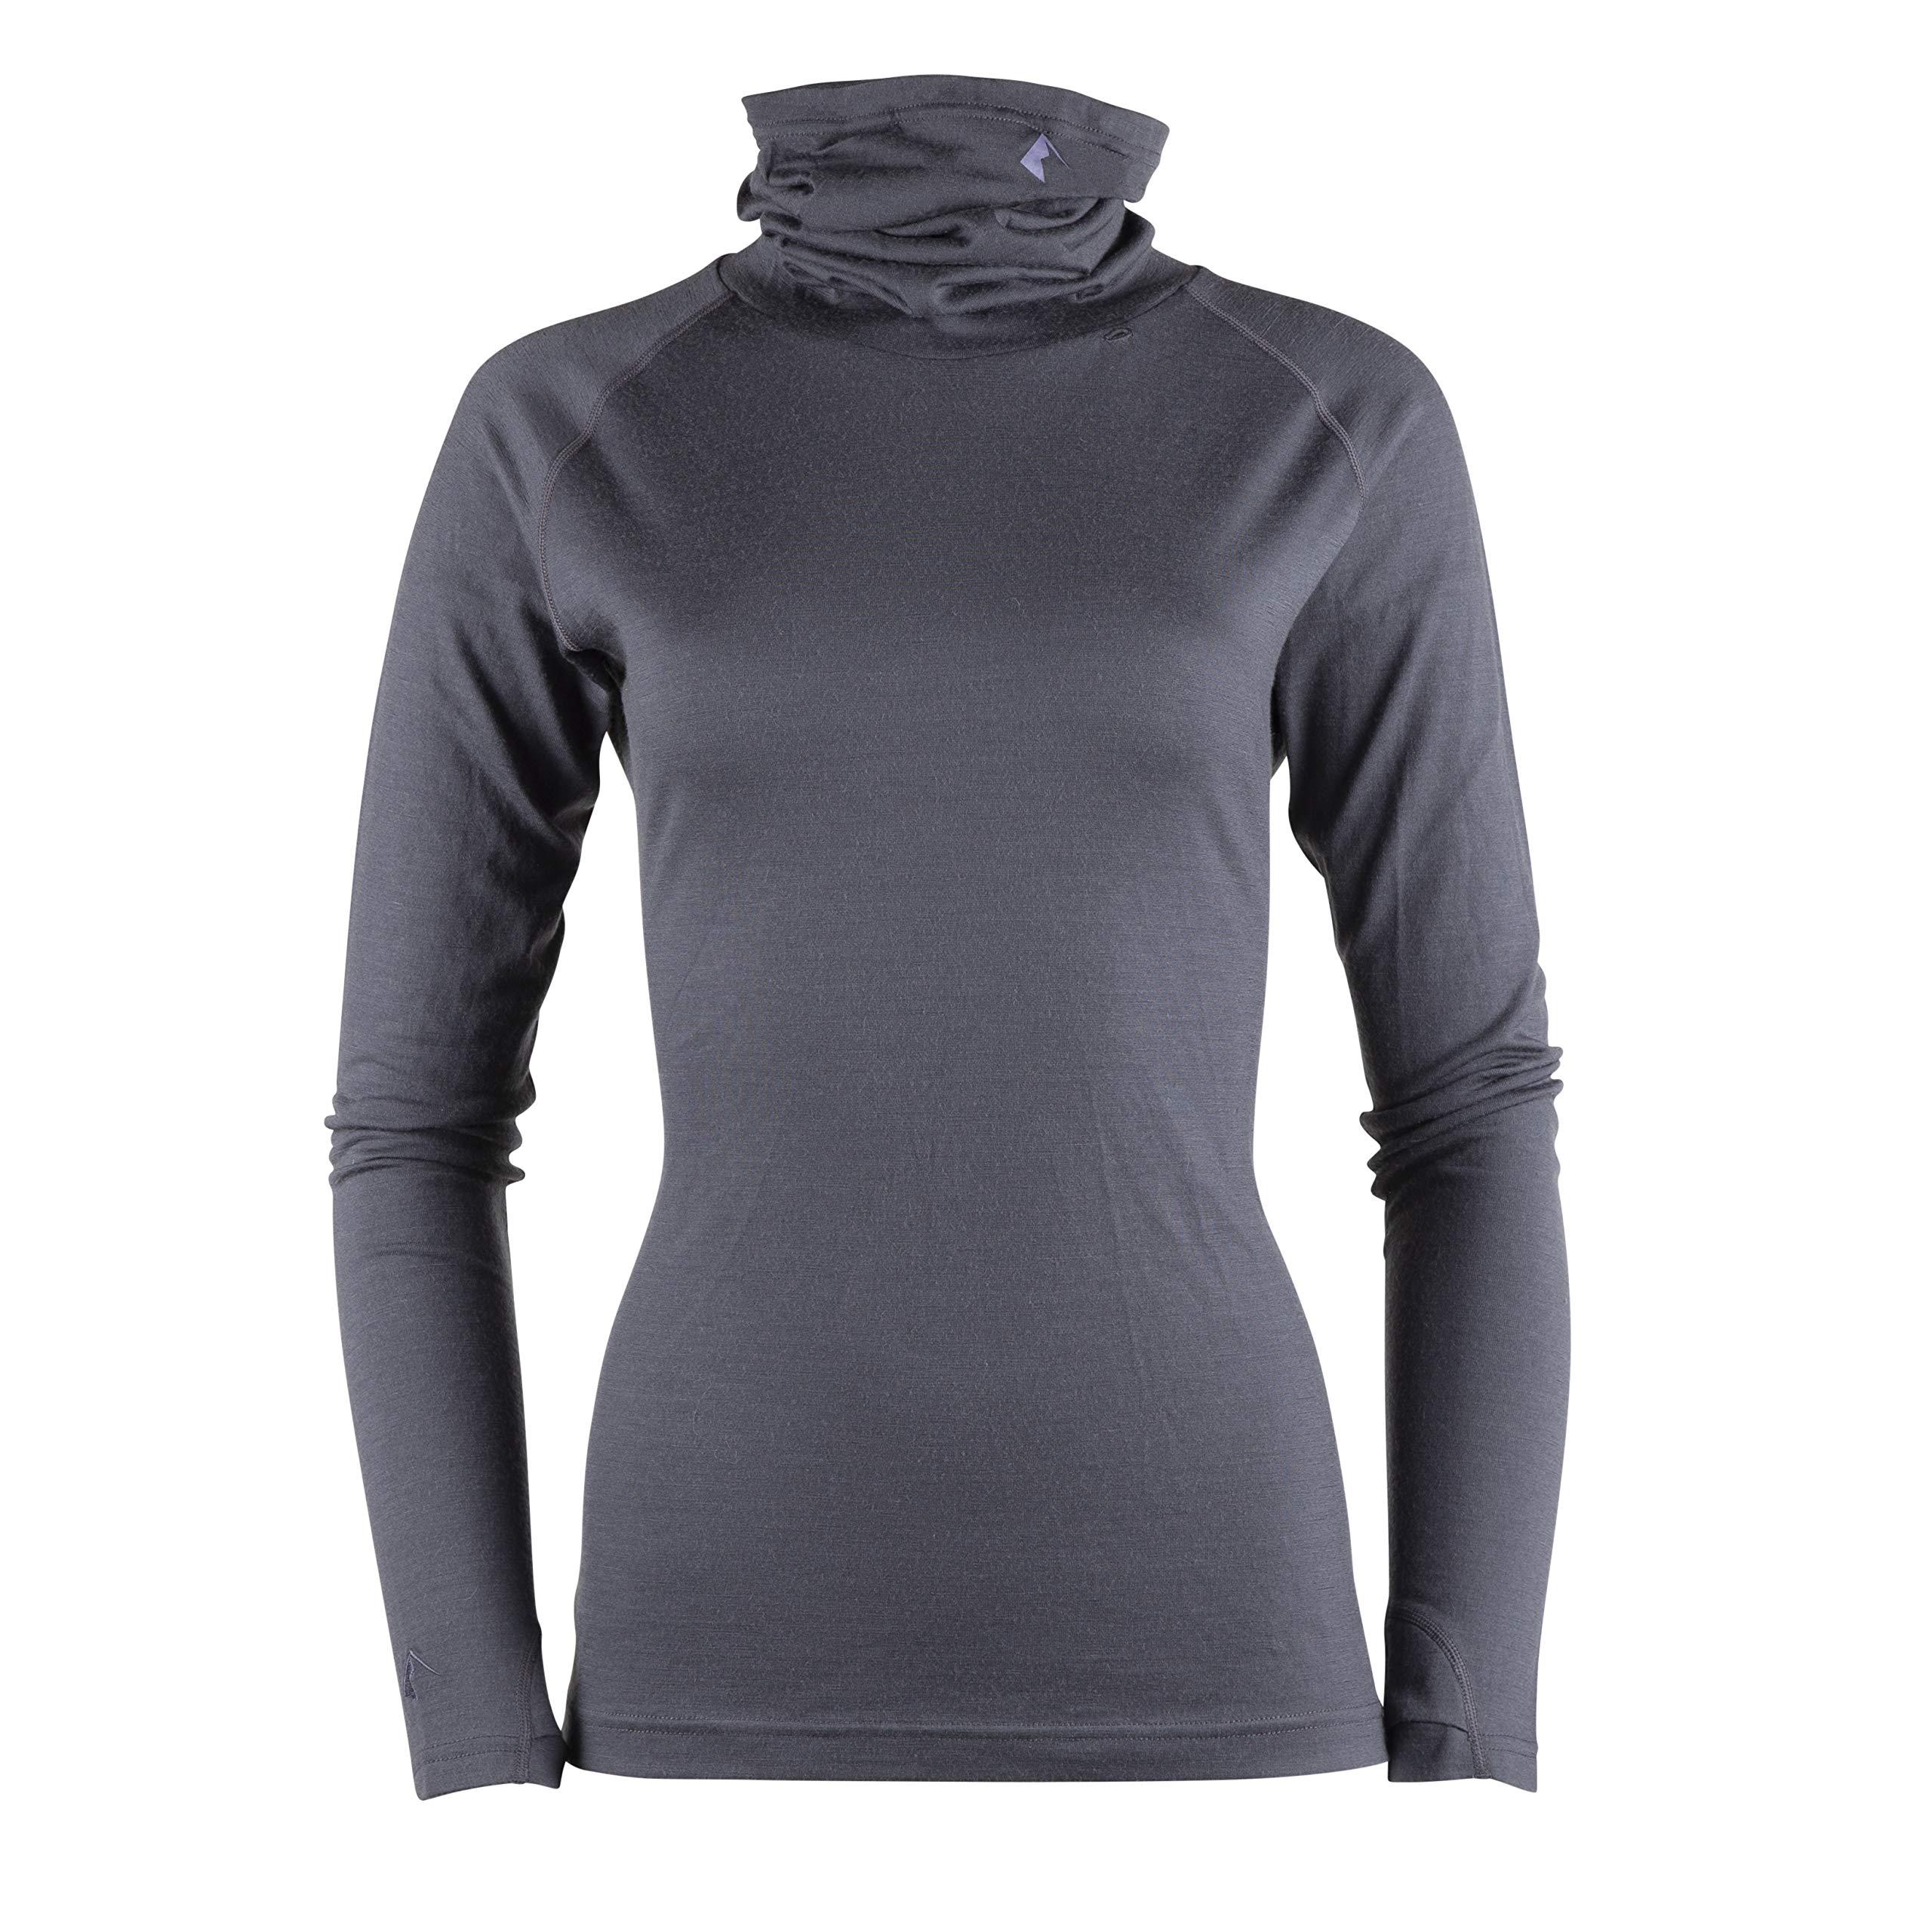 Ridge Merino Women's Aspect Merino Wool High Neck Top